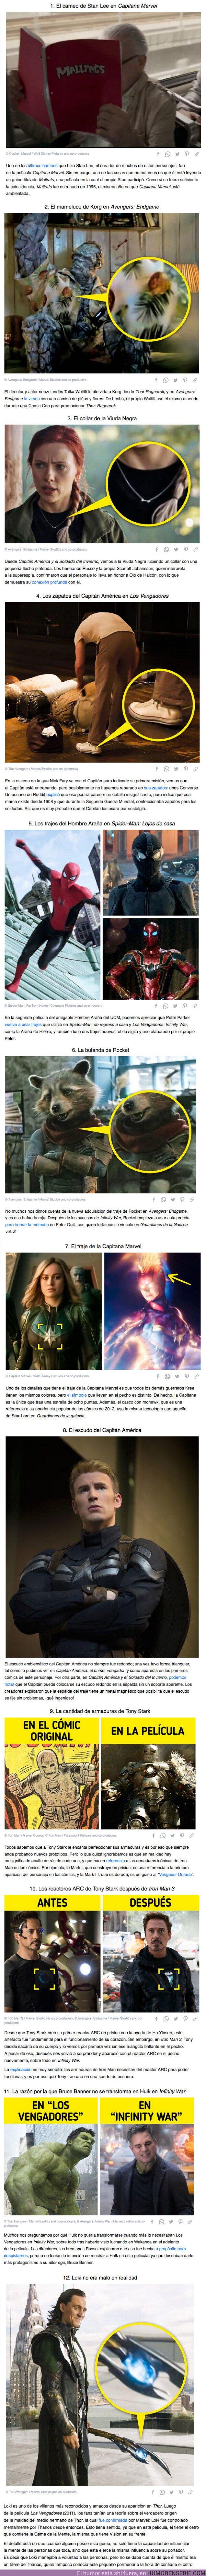 70362 - GALERÍA: 12 Significados ocultos del vestuario y utilería de las películas de Marvel que pasamos por alto